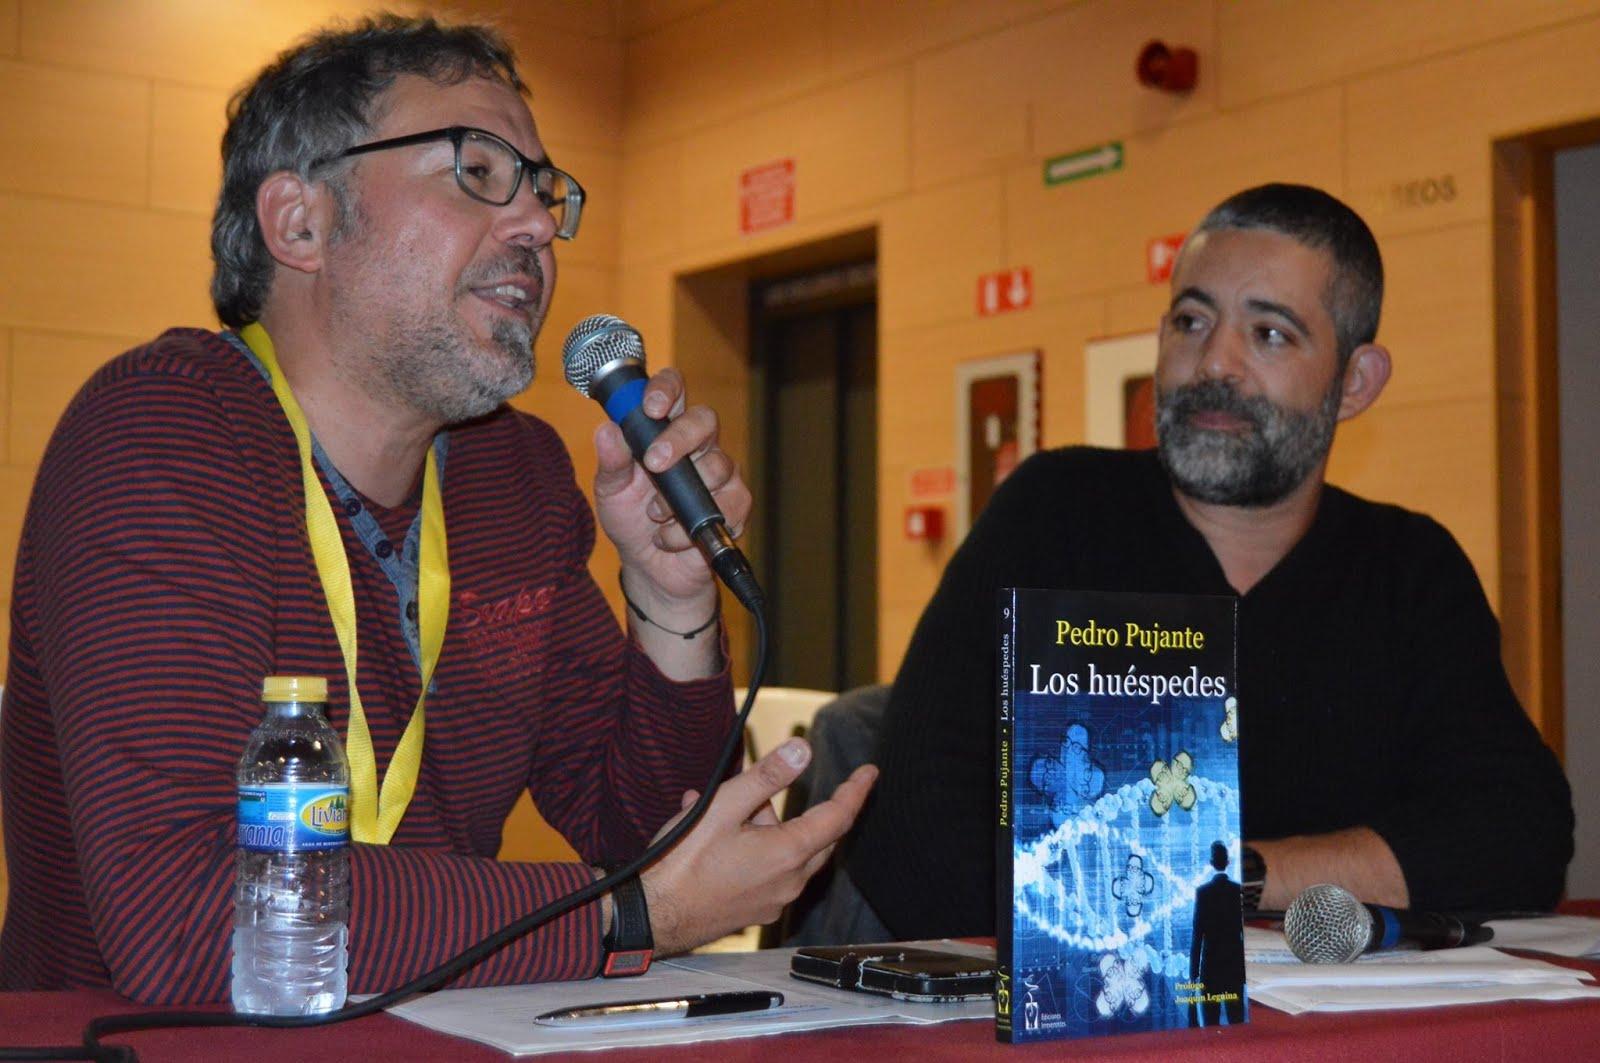 Pedro Pujante acudió a un simposio de literatura secreta...